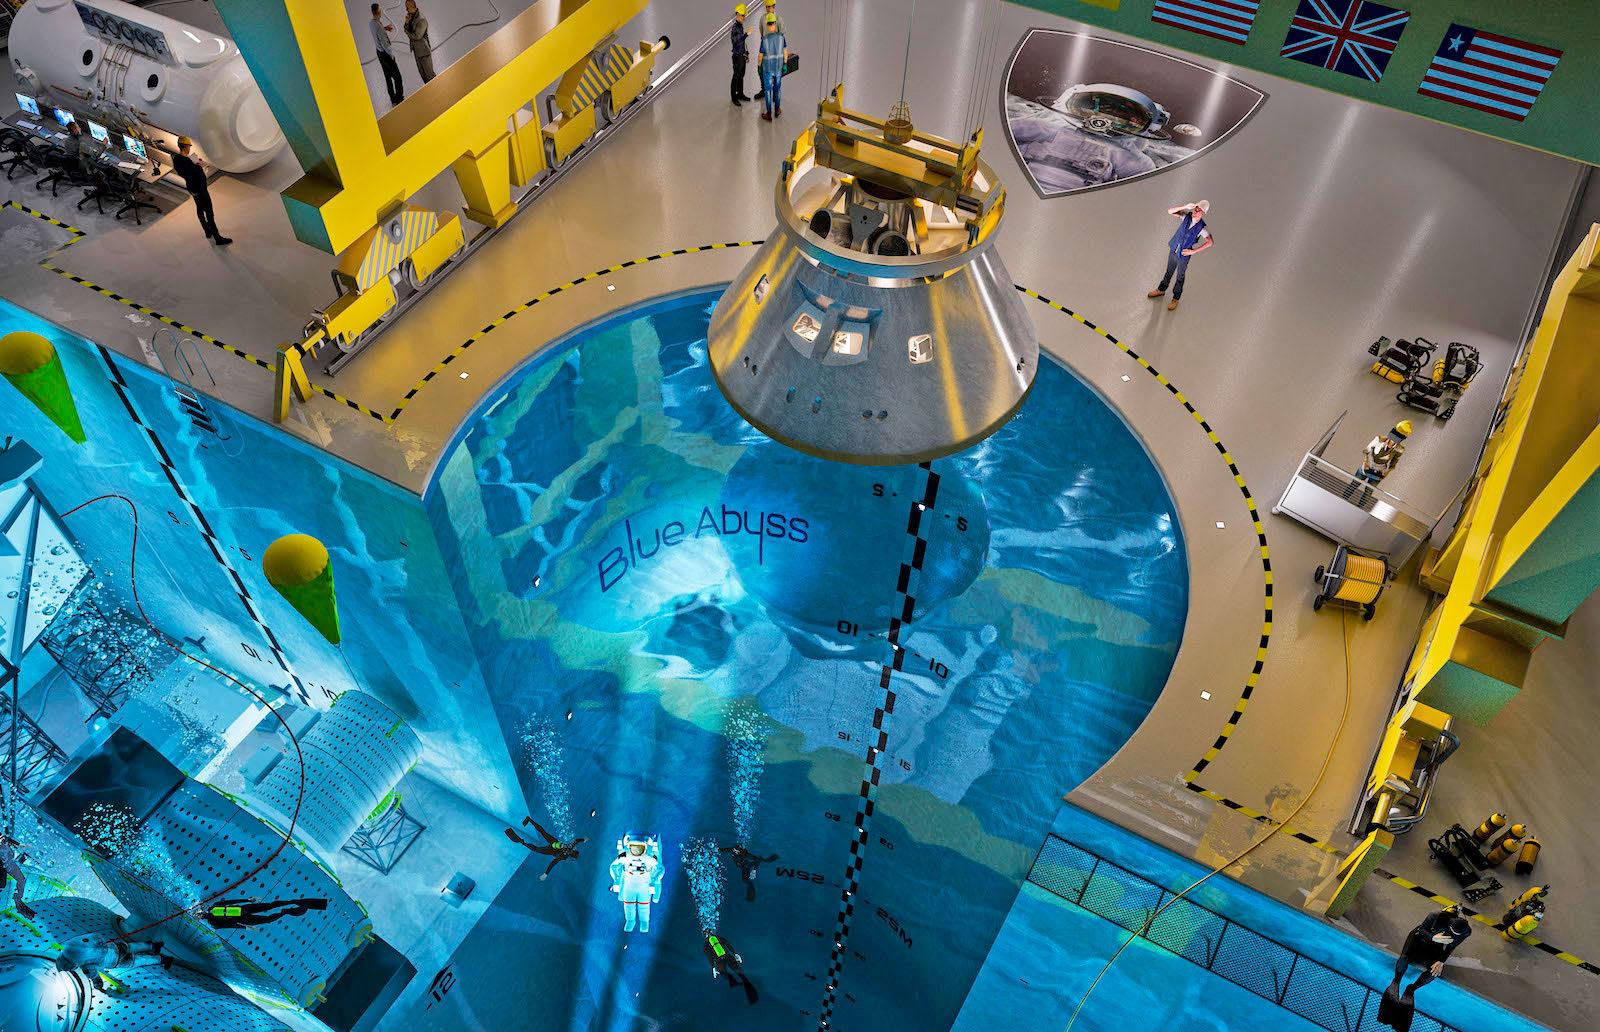 這..是游泳池吗...?是的!它就是世界上最深的游泳池啊!